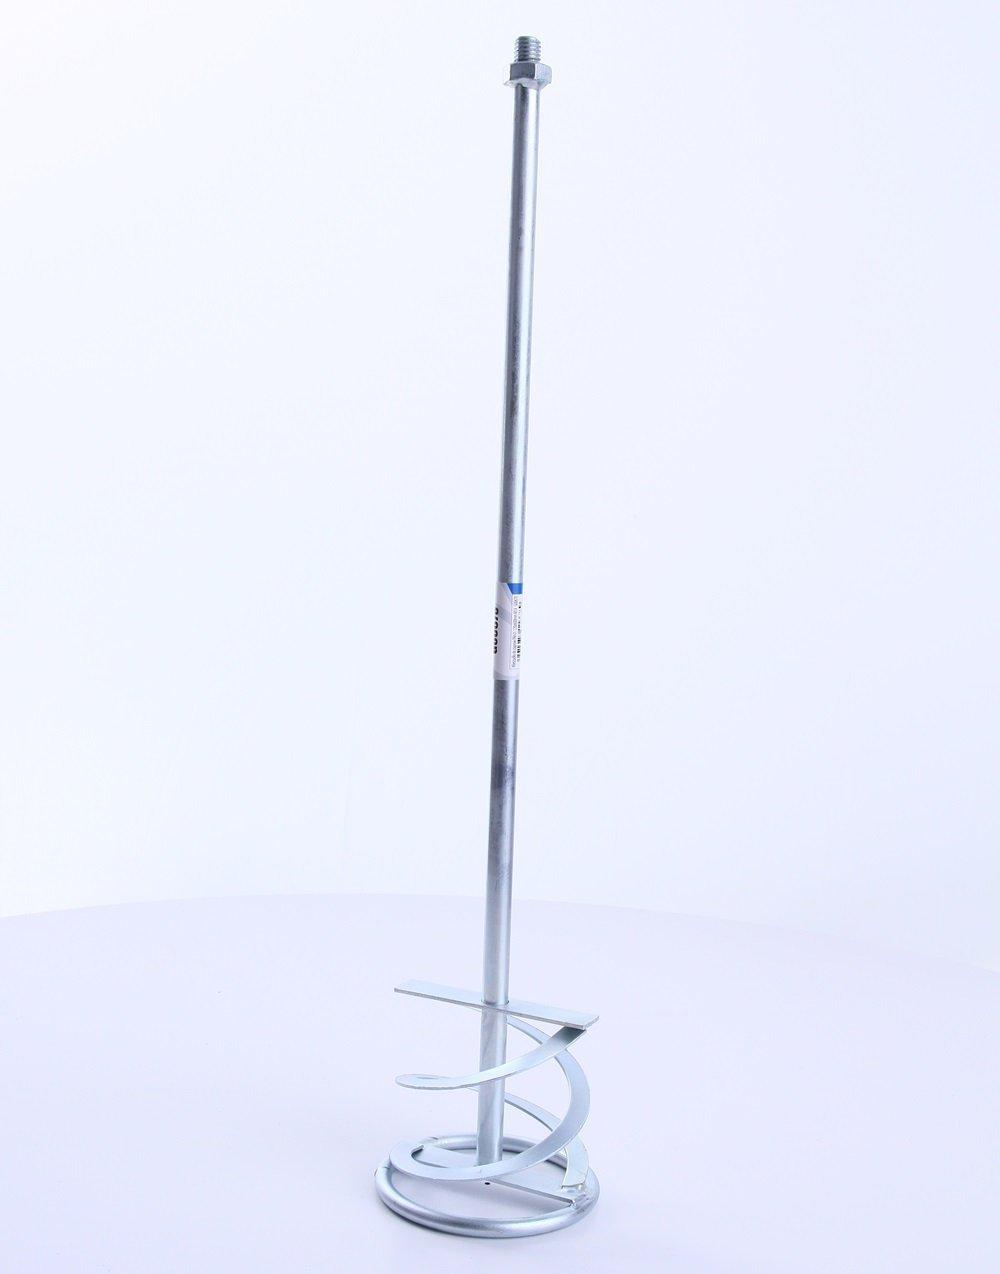 Mö rtelrü hrer Wendelrü hrer M14 Rü hrstab Rü hrkorb Farbmischer 3 Durchmesser (120x600)